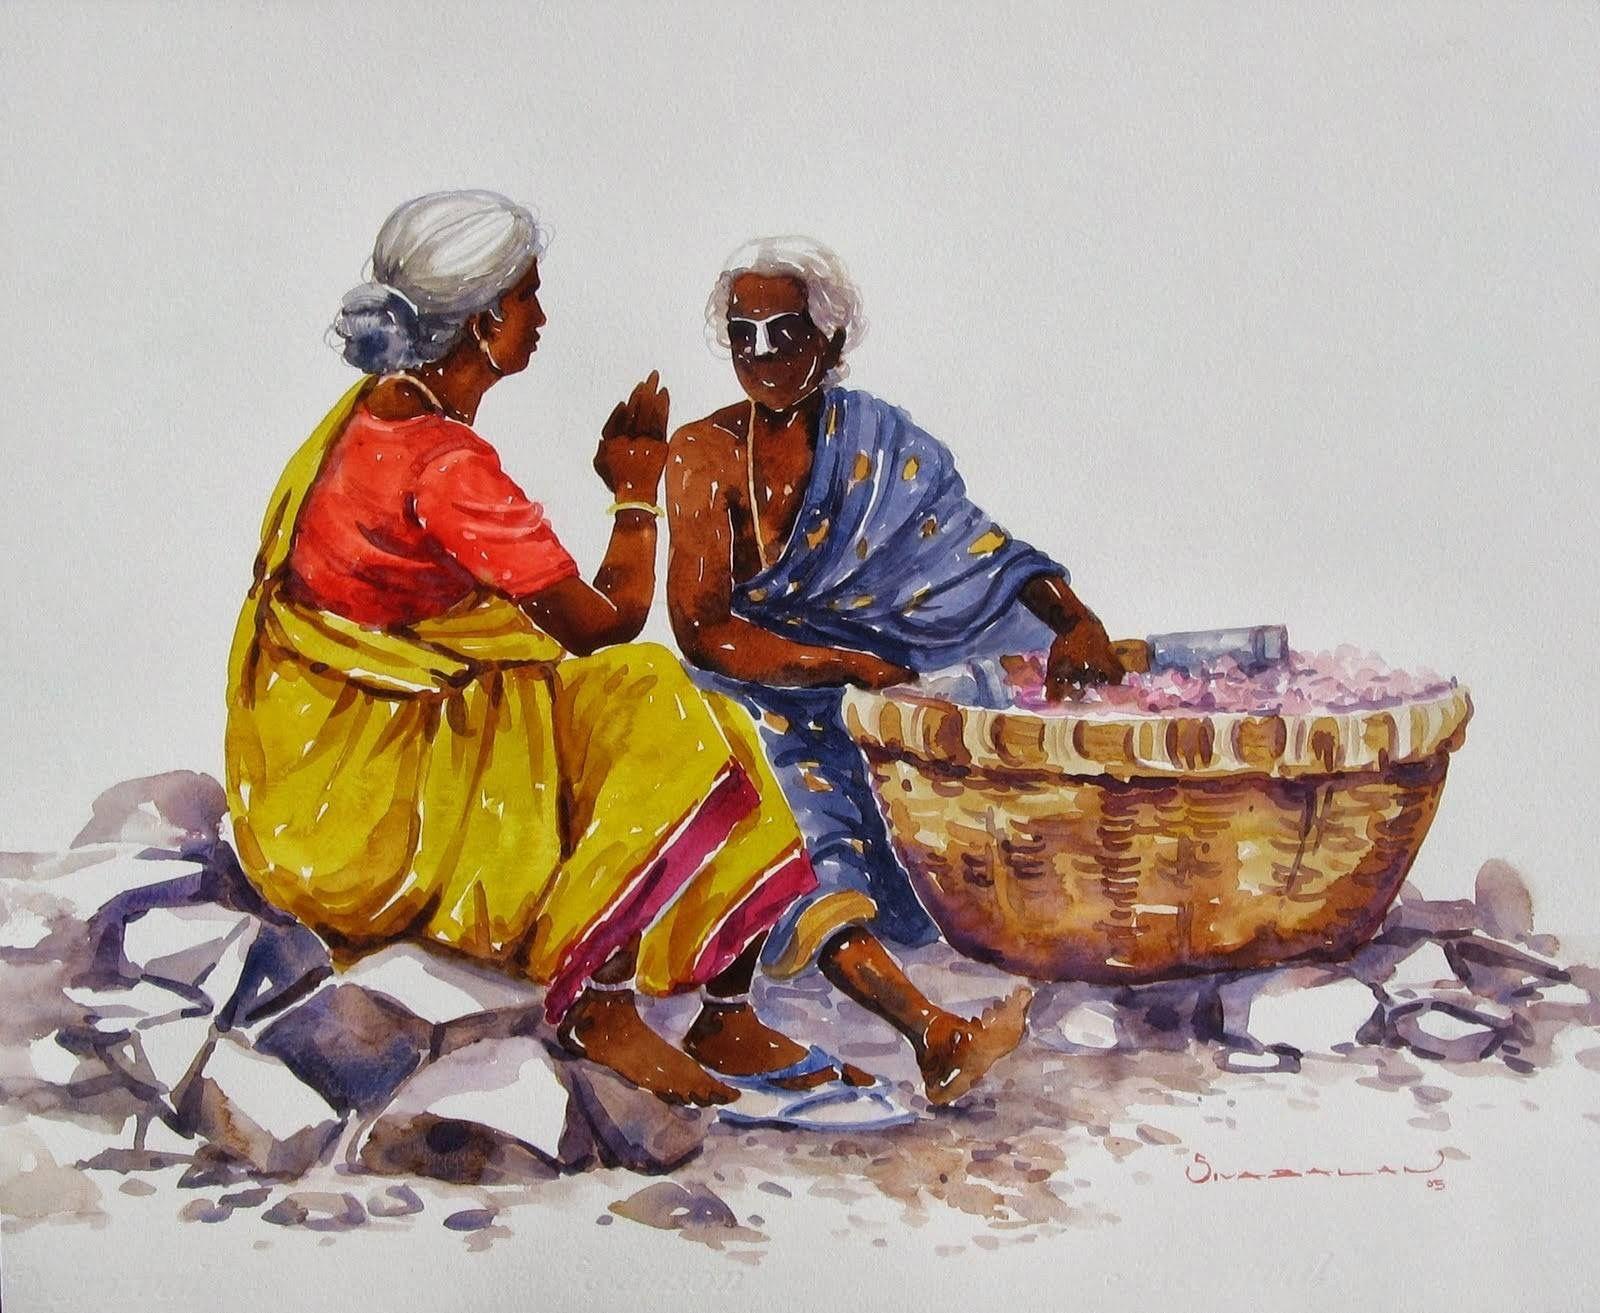 Pin By Praveena Prashanth On Village Music Drawings Indian